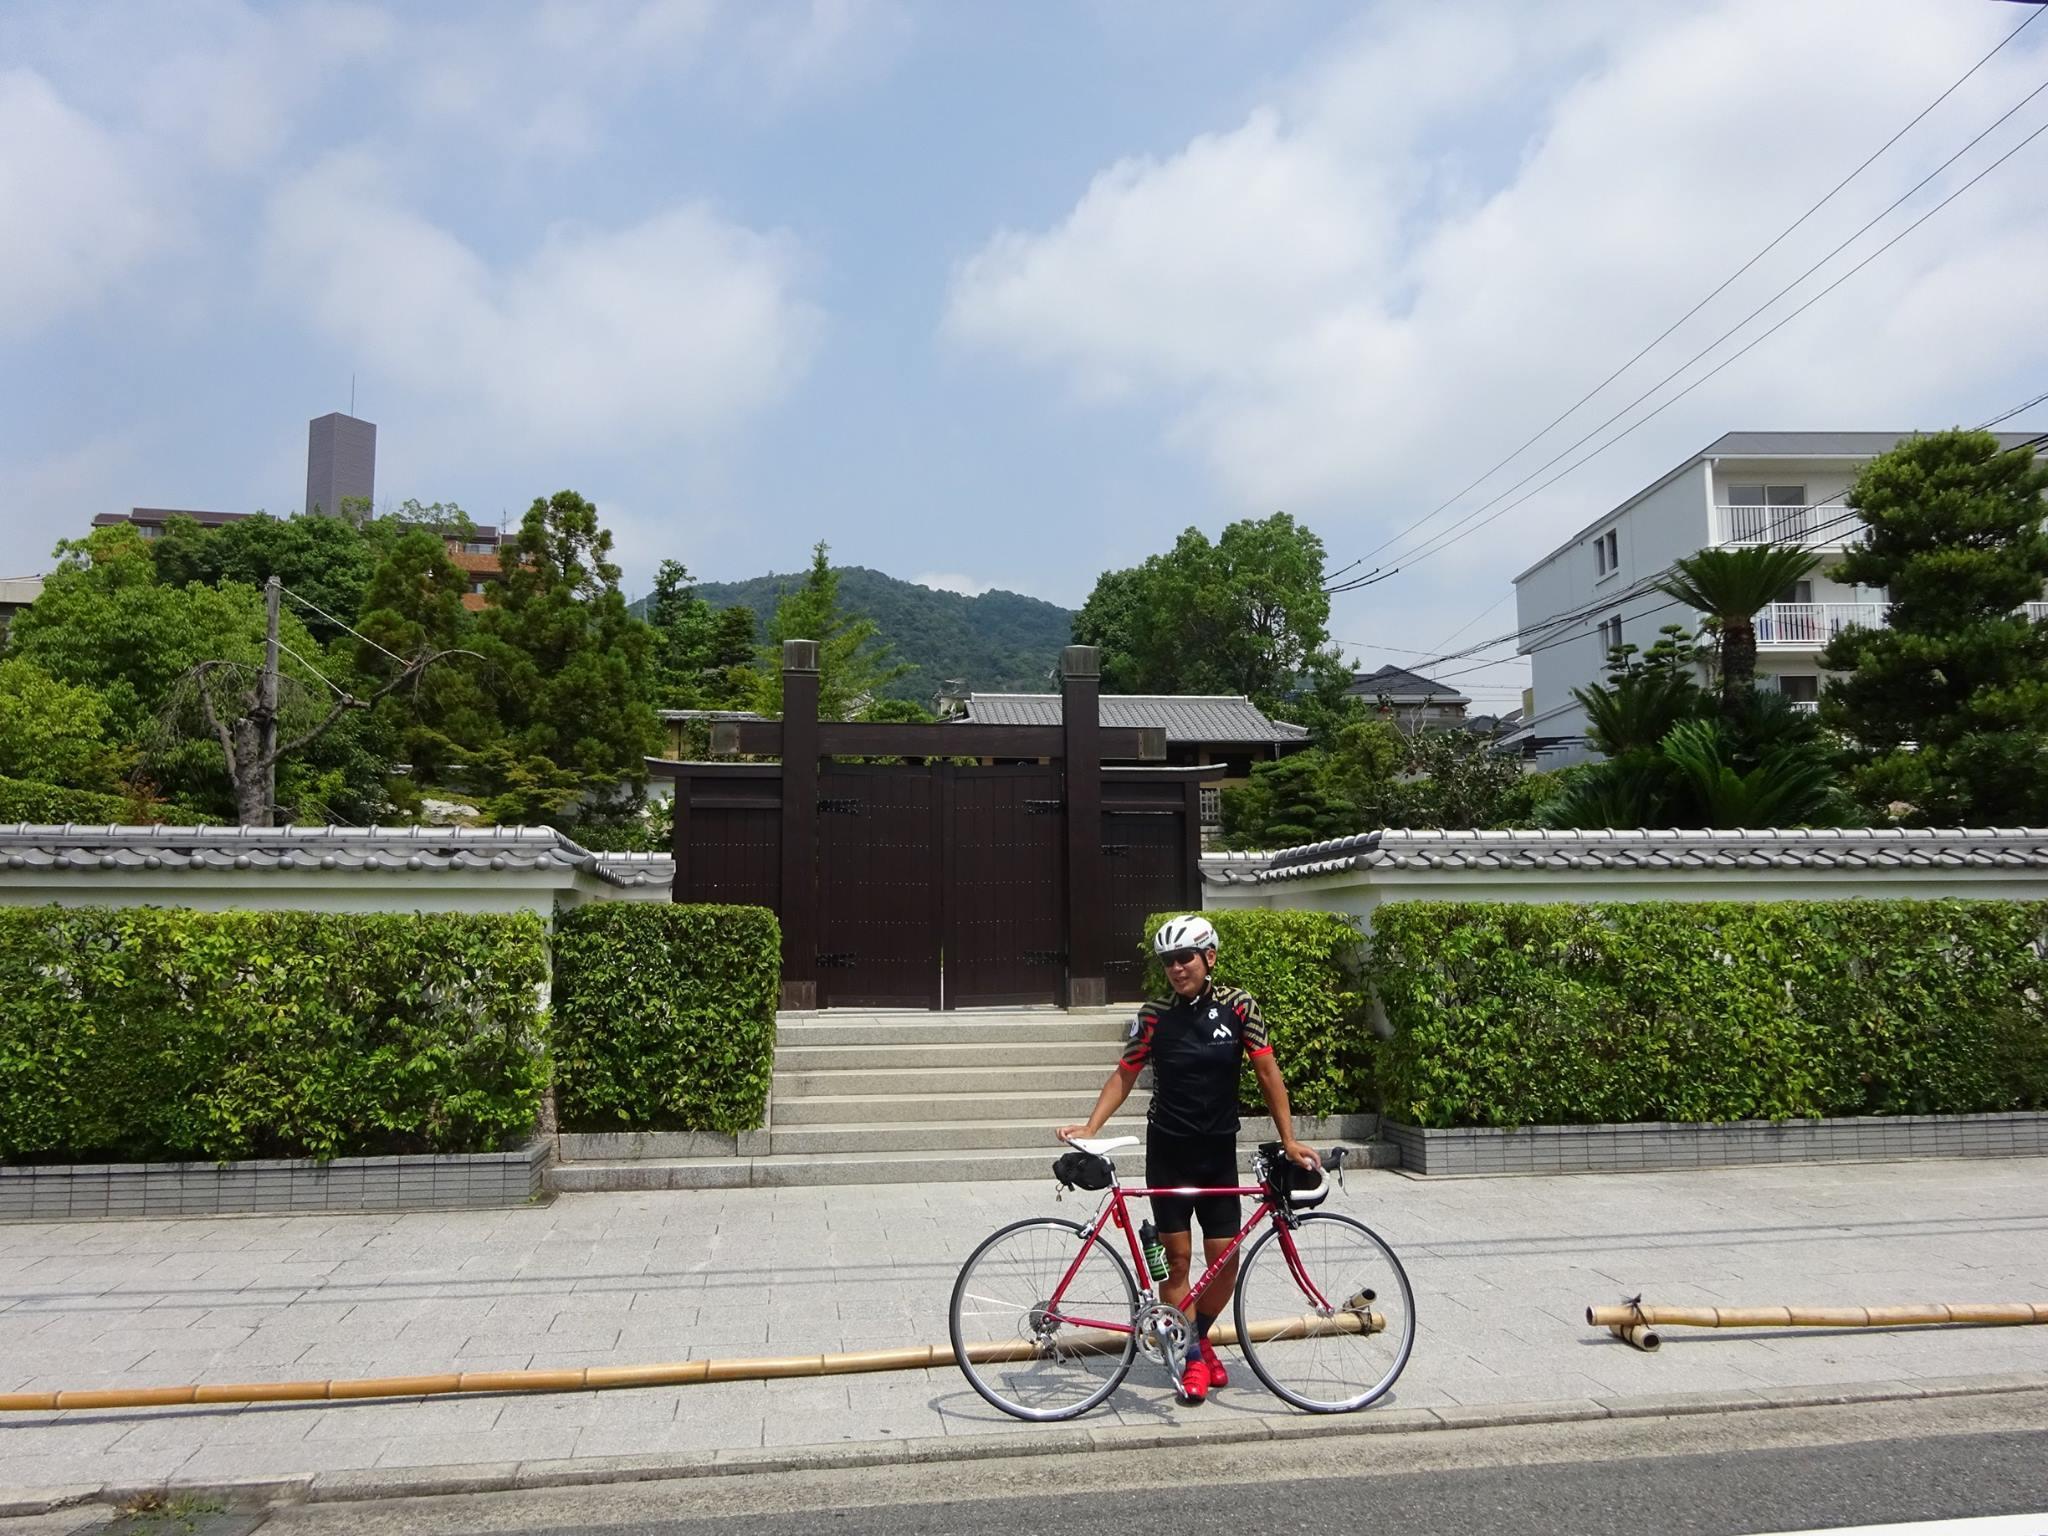 7月15日(土)開催の 「voyAge picnic \'Yahatagawa SAKE\'150」の日記♪_c0351373_16155334.jpg